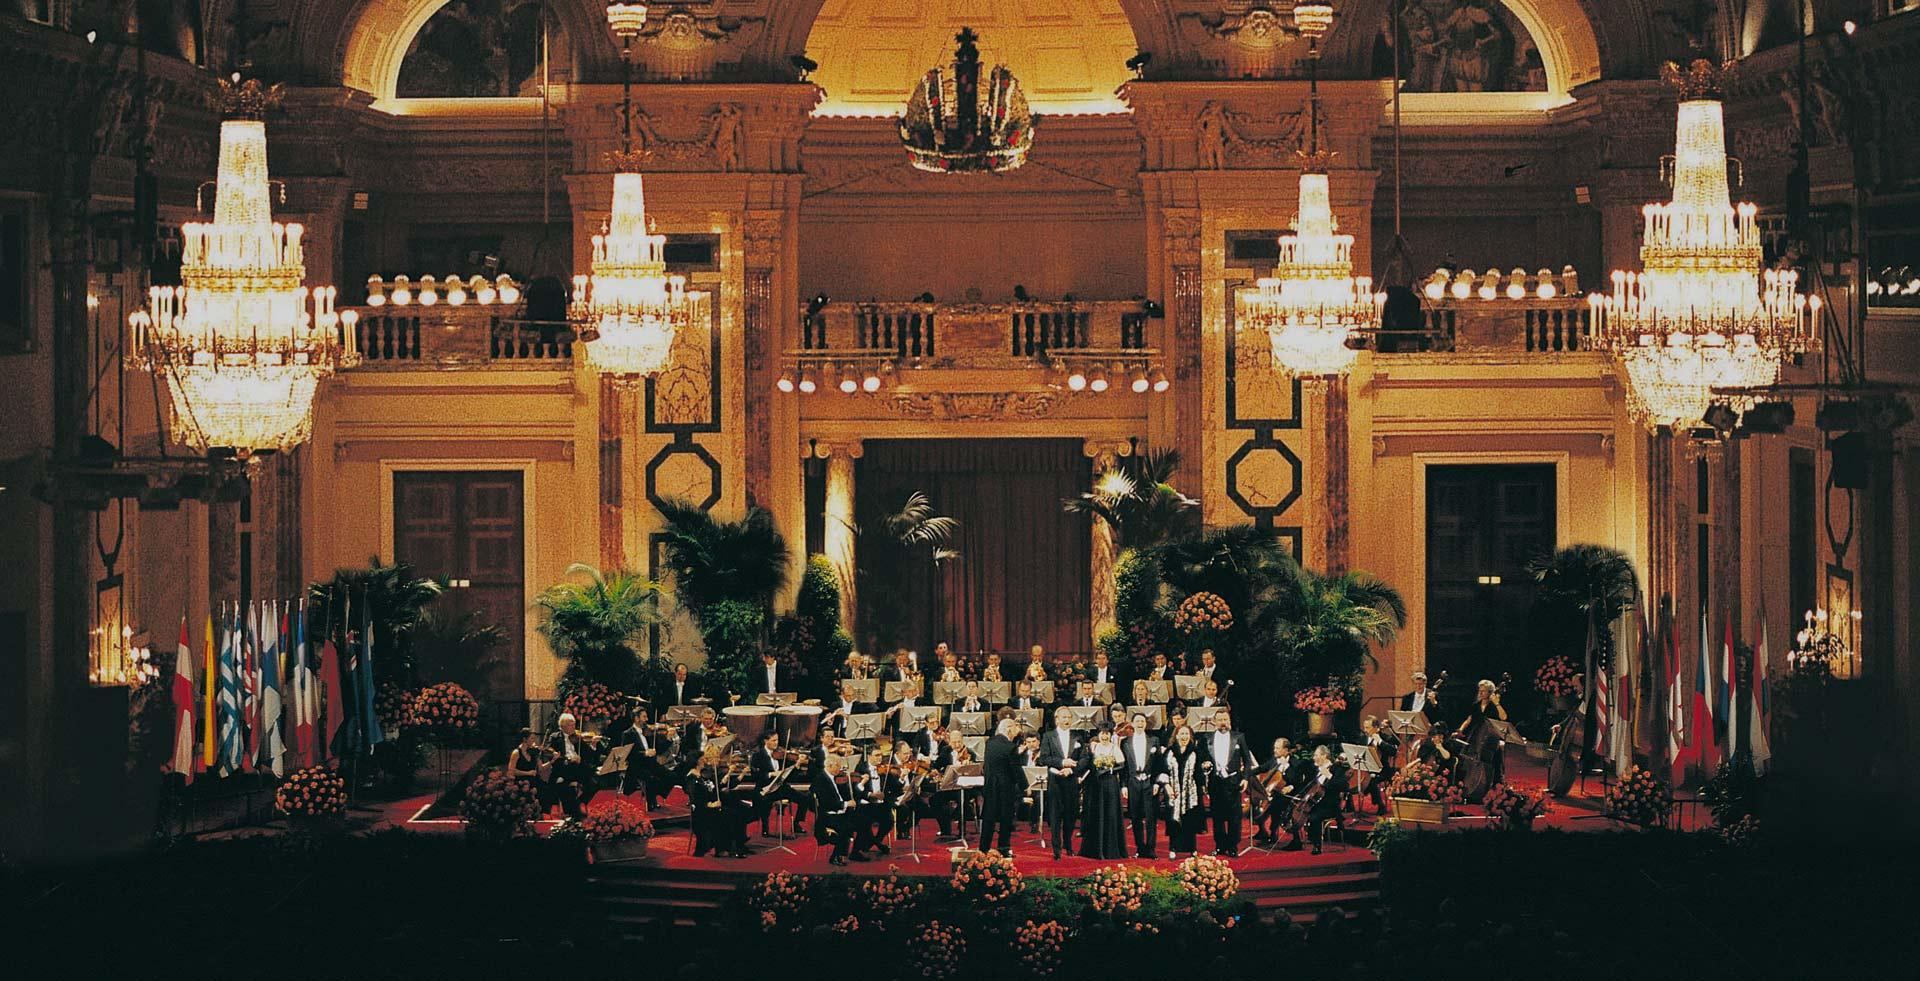 Wiener Hofburg-Orchester beim Weihnachtskonzert im Festsaal der Hofburg Wien